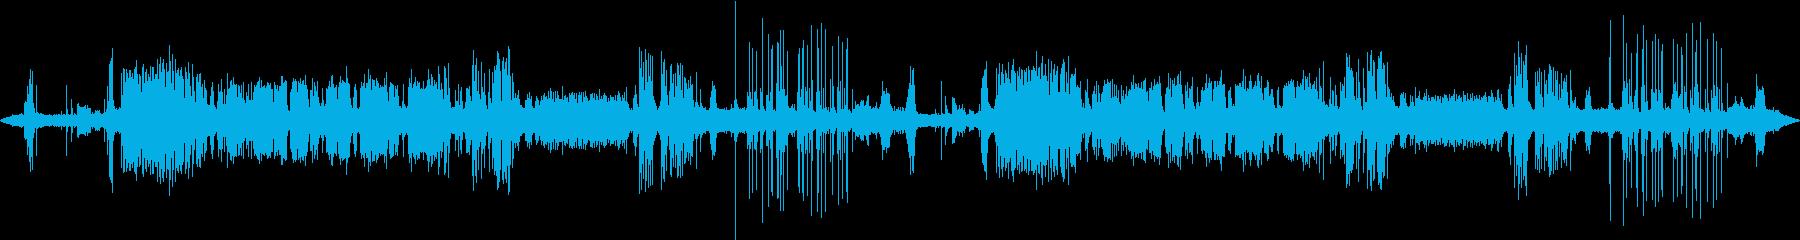 ハイテクサーキットボードプレス機:...の再生済みの波形